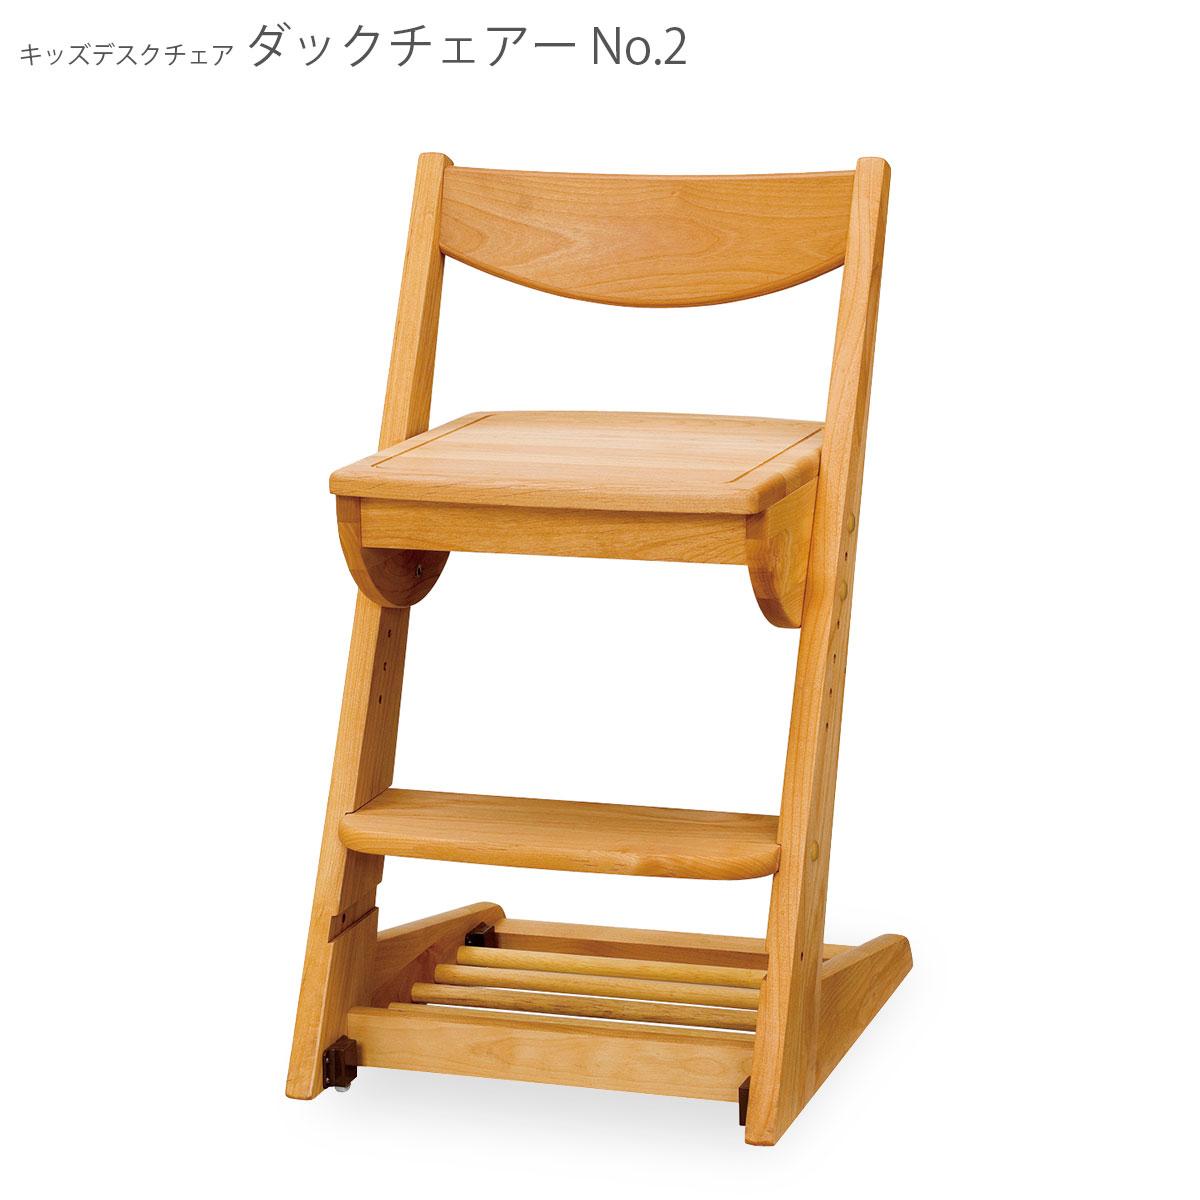 堀田木工 椅子 無垢 2018年モデル ダックチェアー NO.2 学習椅子 日本製 国産 送料無料